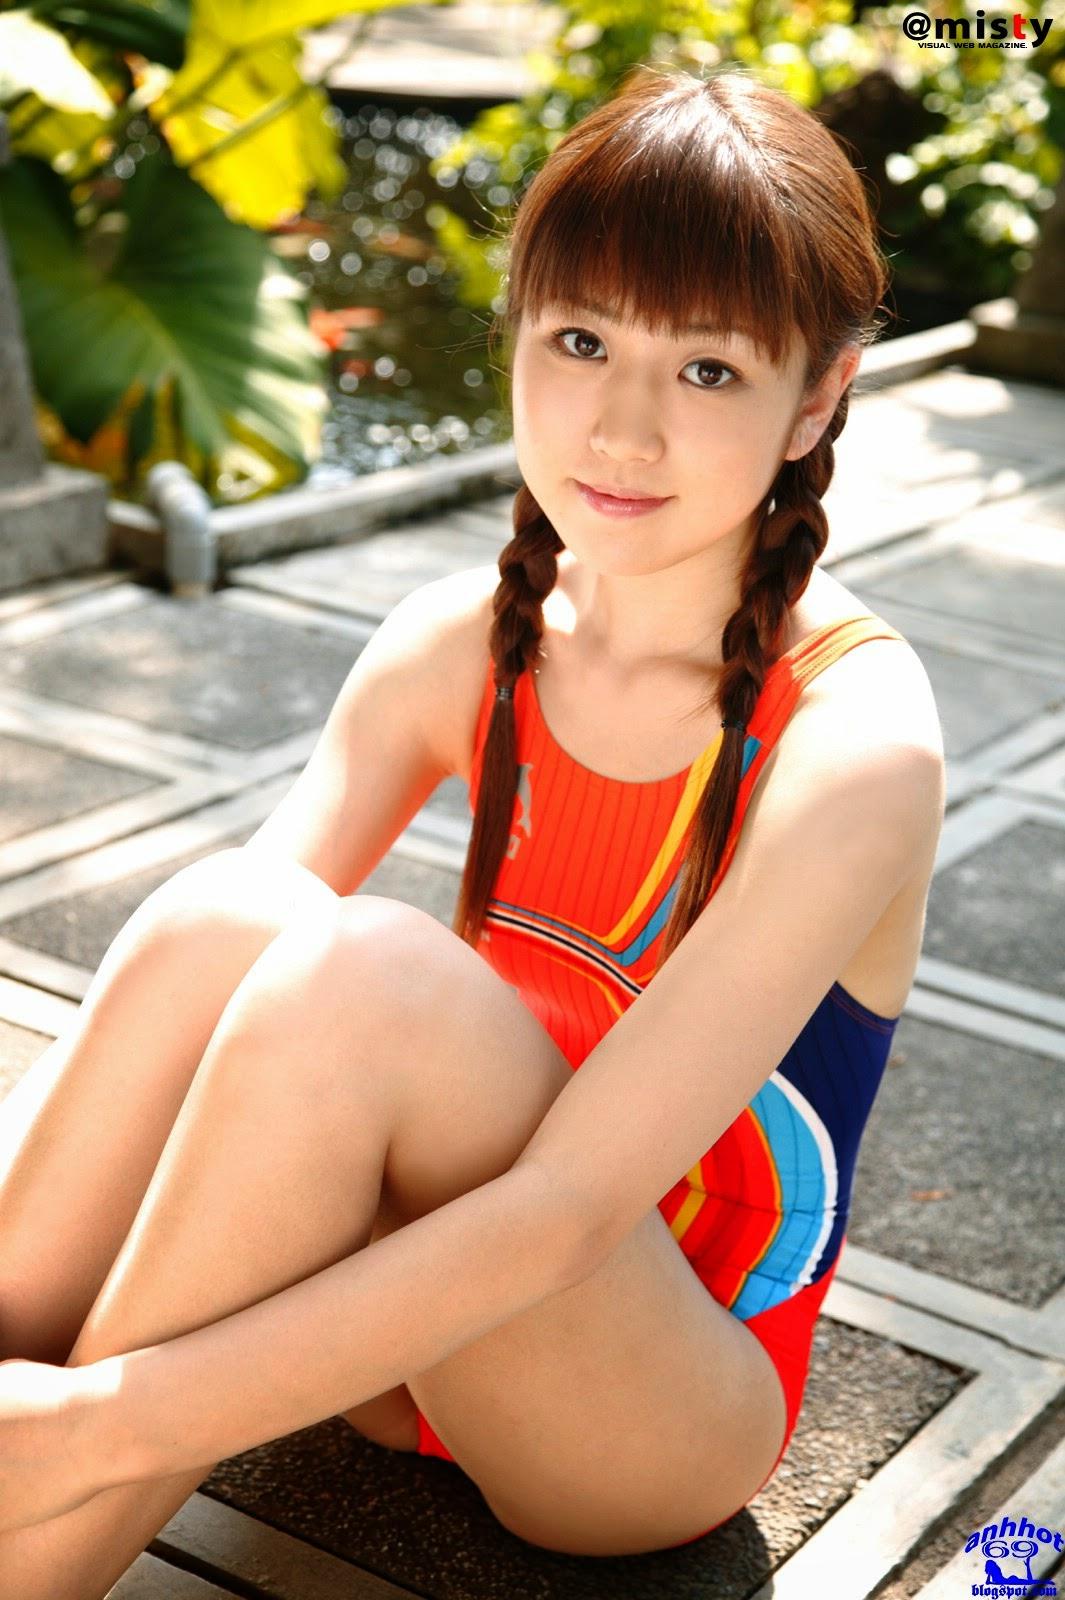 chise-nakamura-00448724